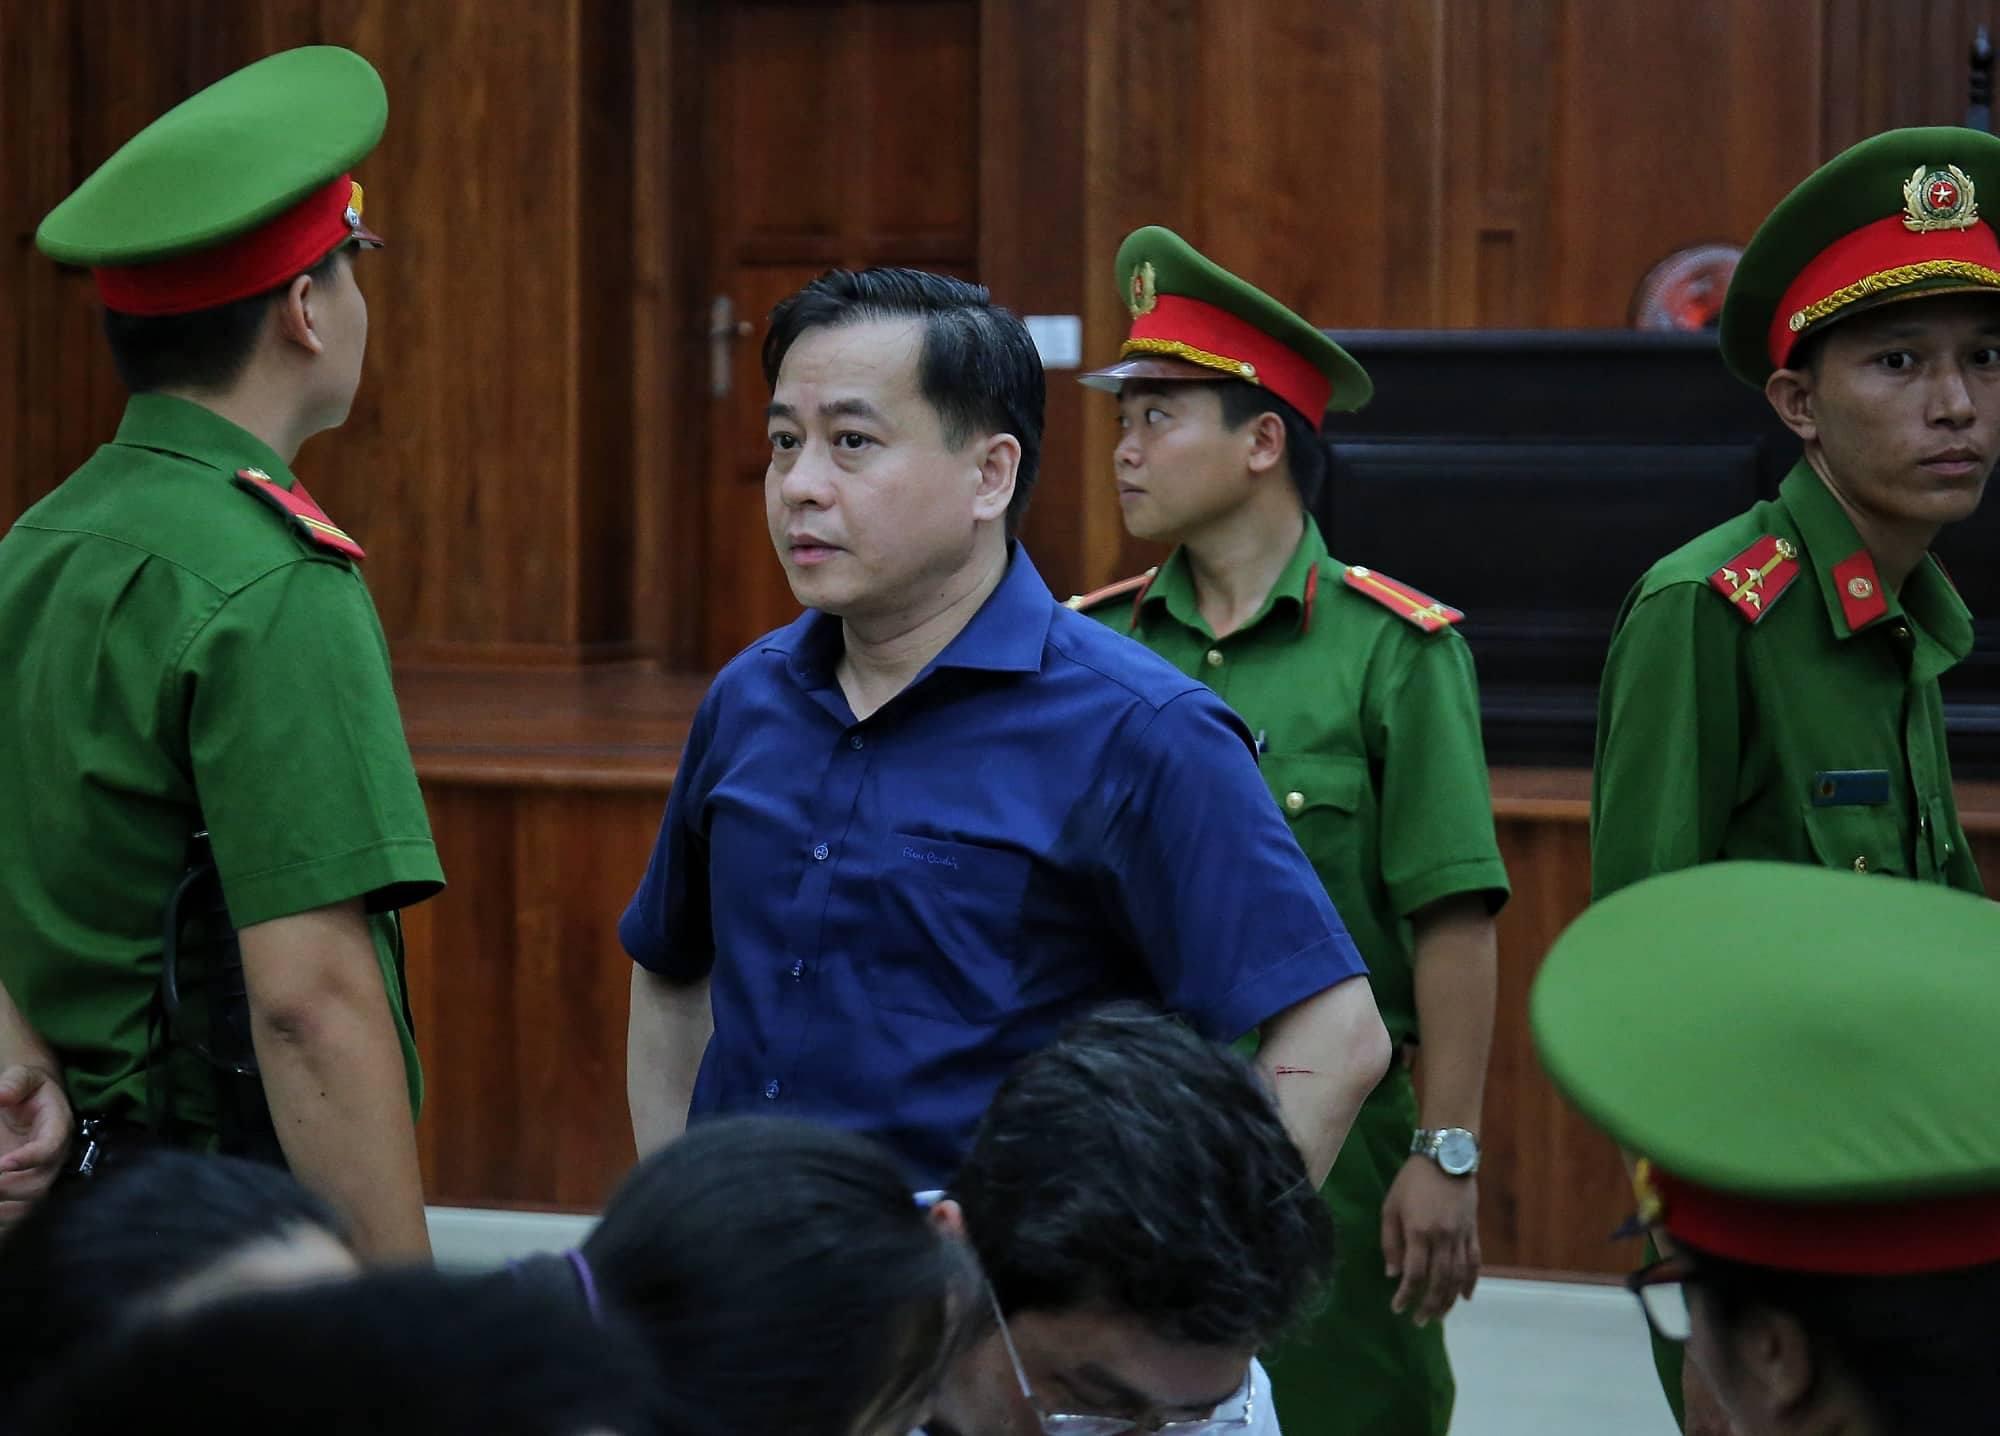 Tòa phúc thẩm giữ nguyên mức án 17 năm tù đối với Vũ nhôm - Ảnh 1.